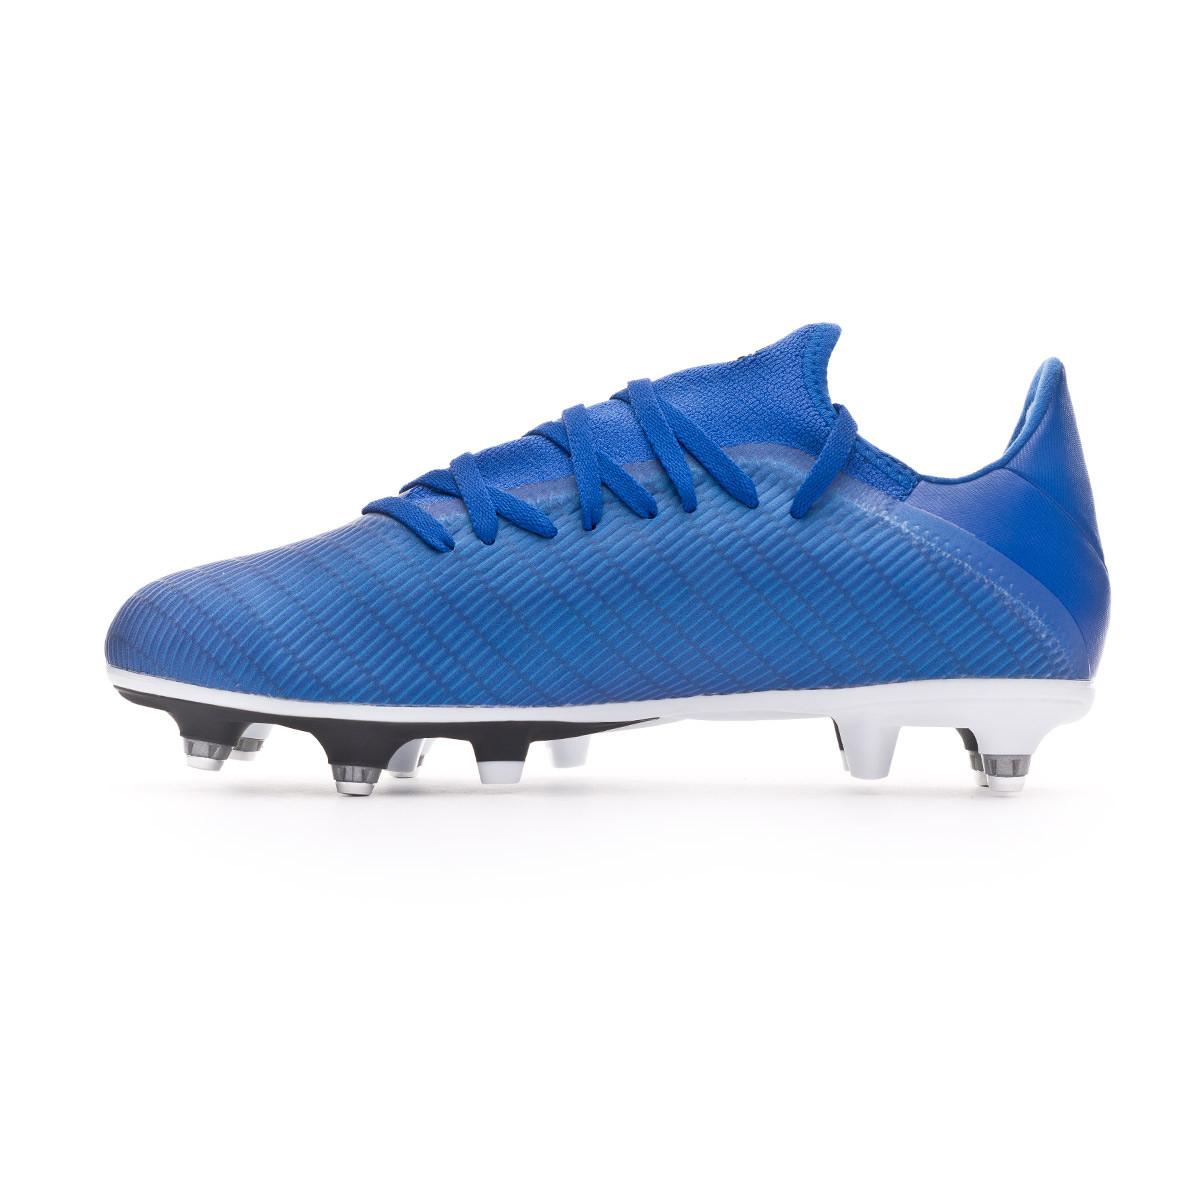 Chaussure de foot adidas X 19.3 SG